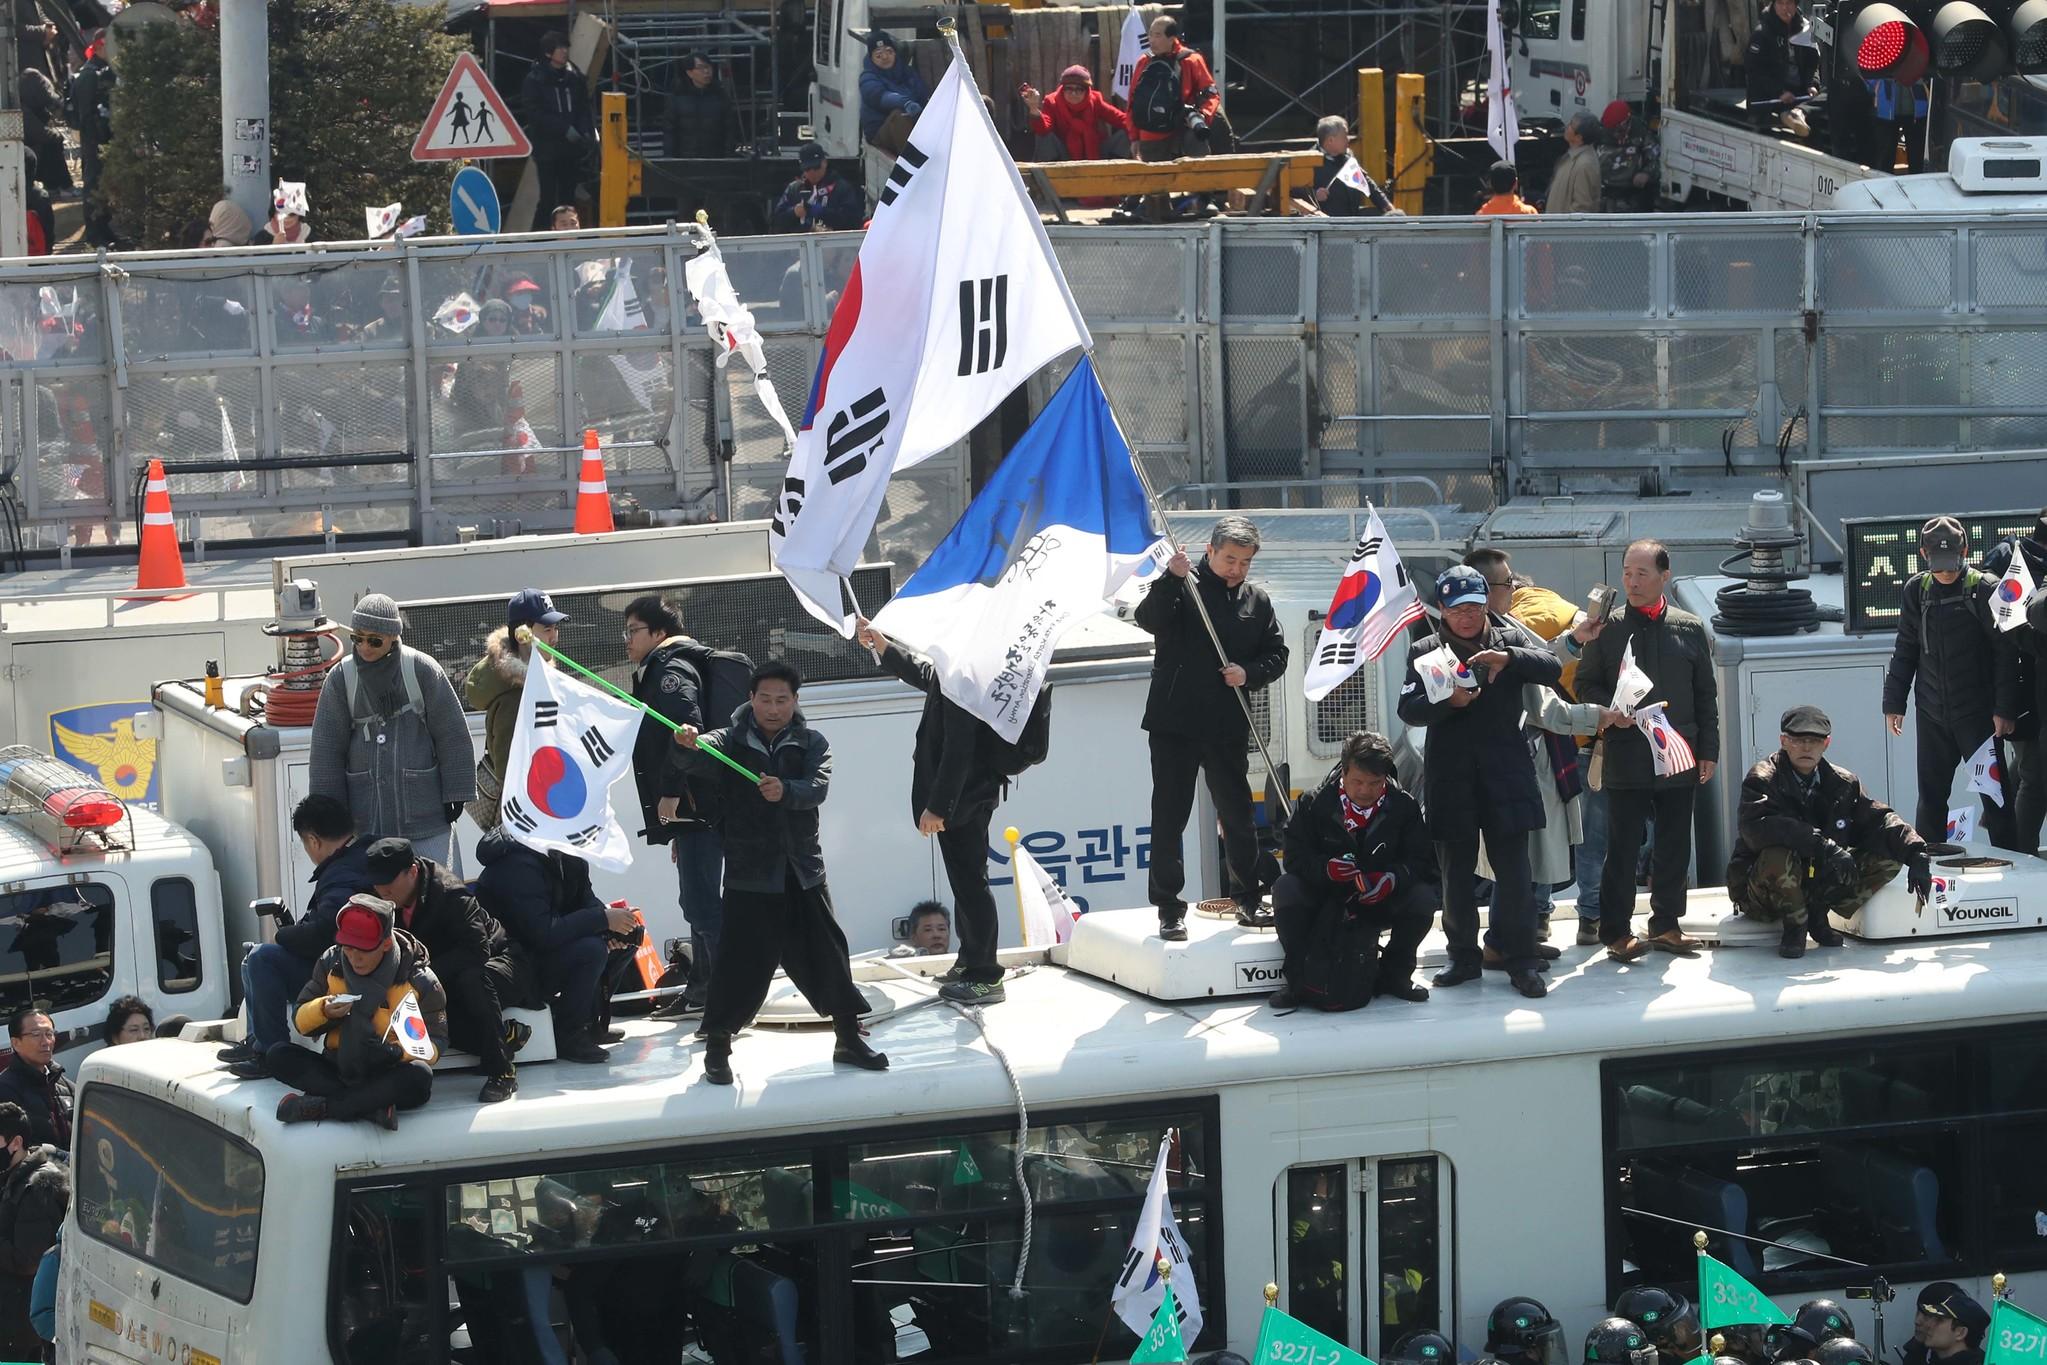 박근혜 대통령의 탄핵이 결정된 10일 오후 탄핵기각을 외치는 시위대가 헌법재판소 근처에서 경찰과 대치중이다. [사진 장진영 기자]